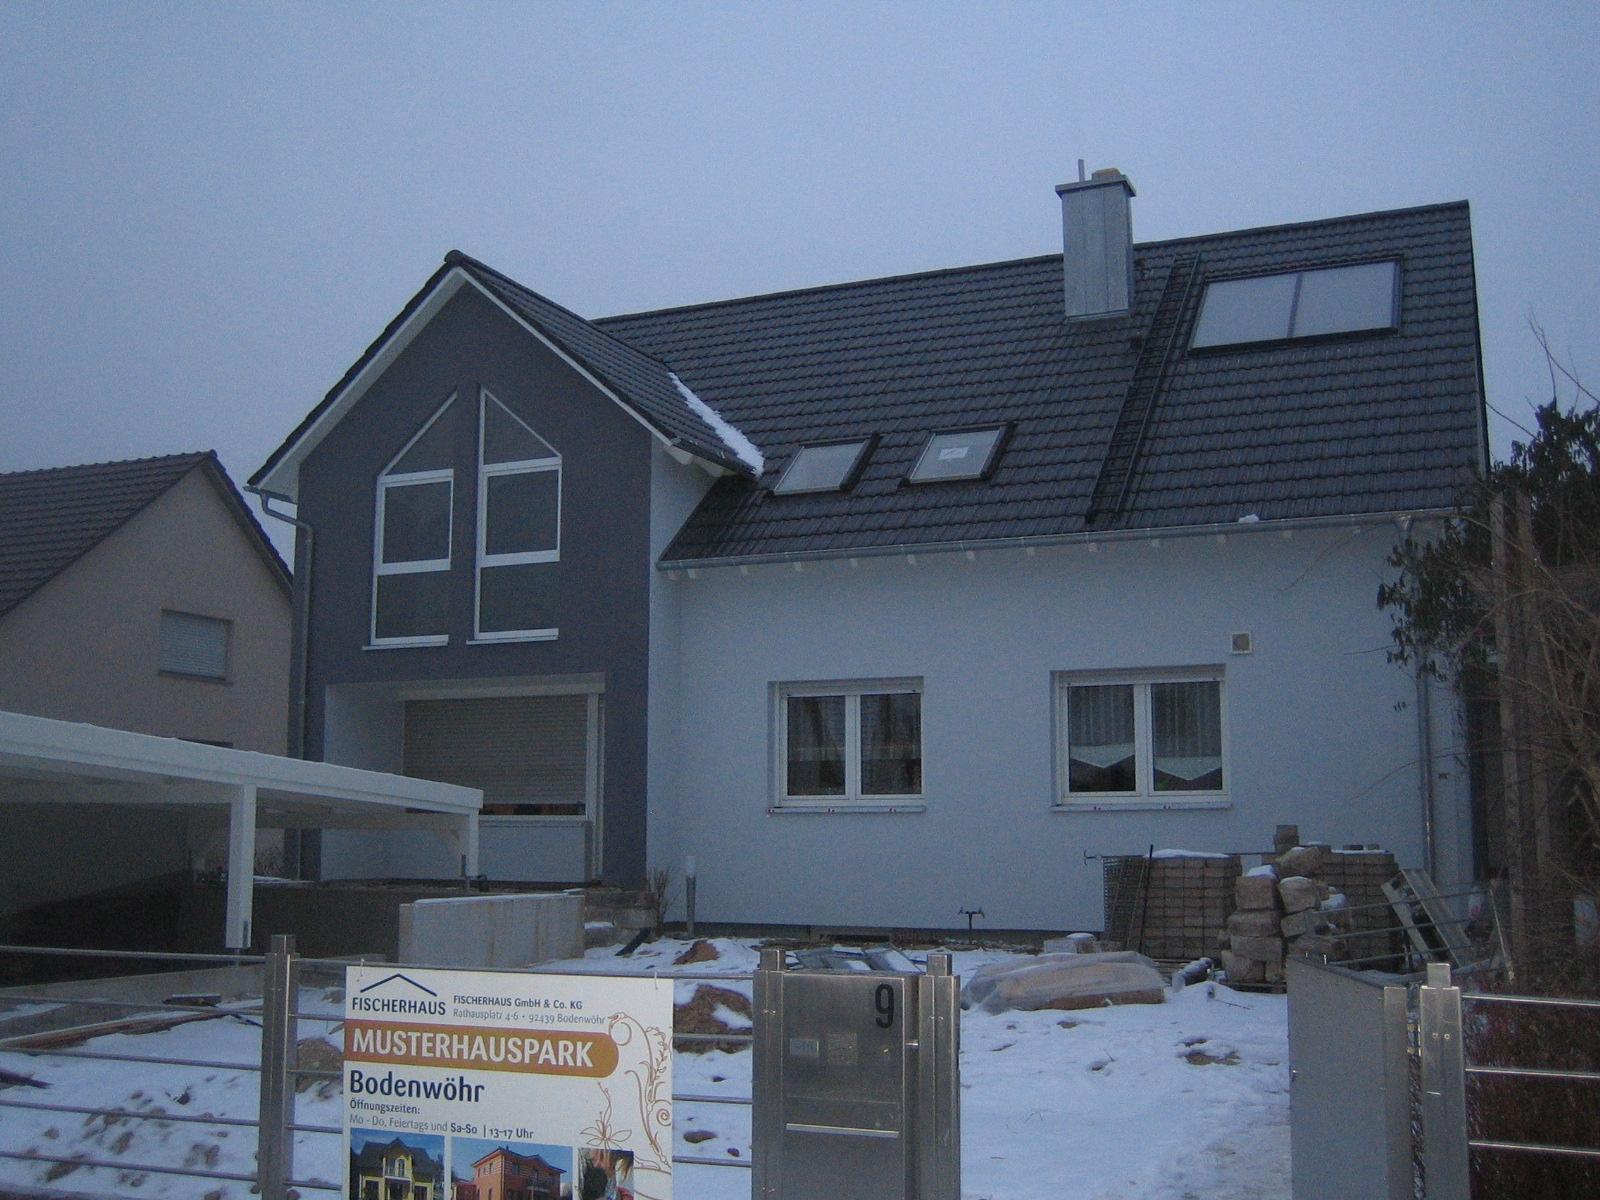 Baupaare Berichten Familie Spitz Neumarkt Fischerhaus